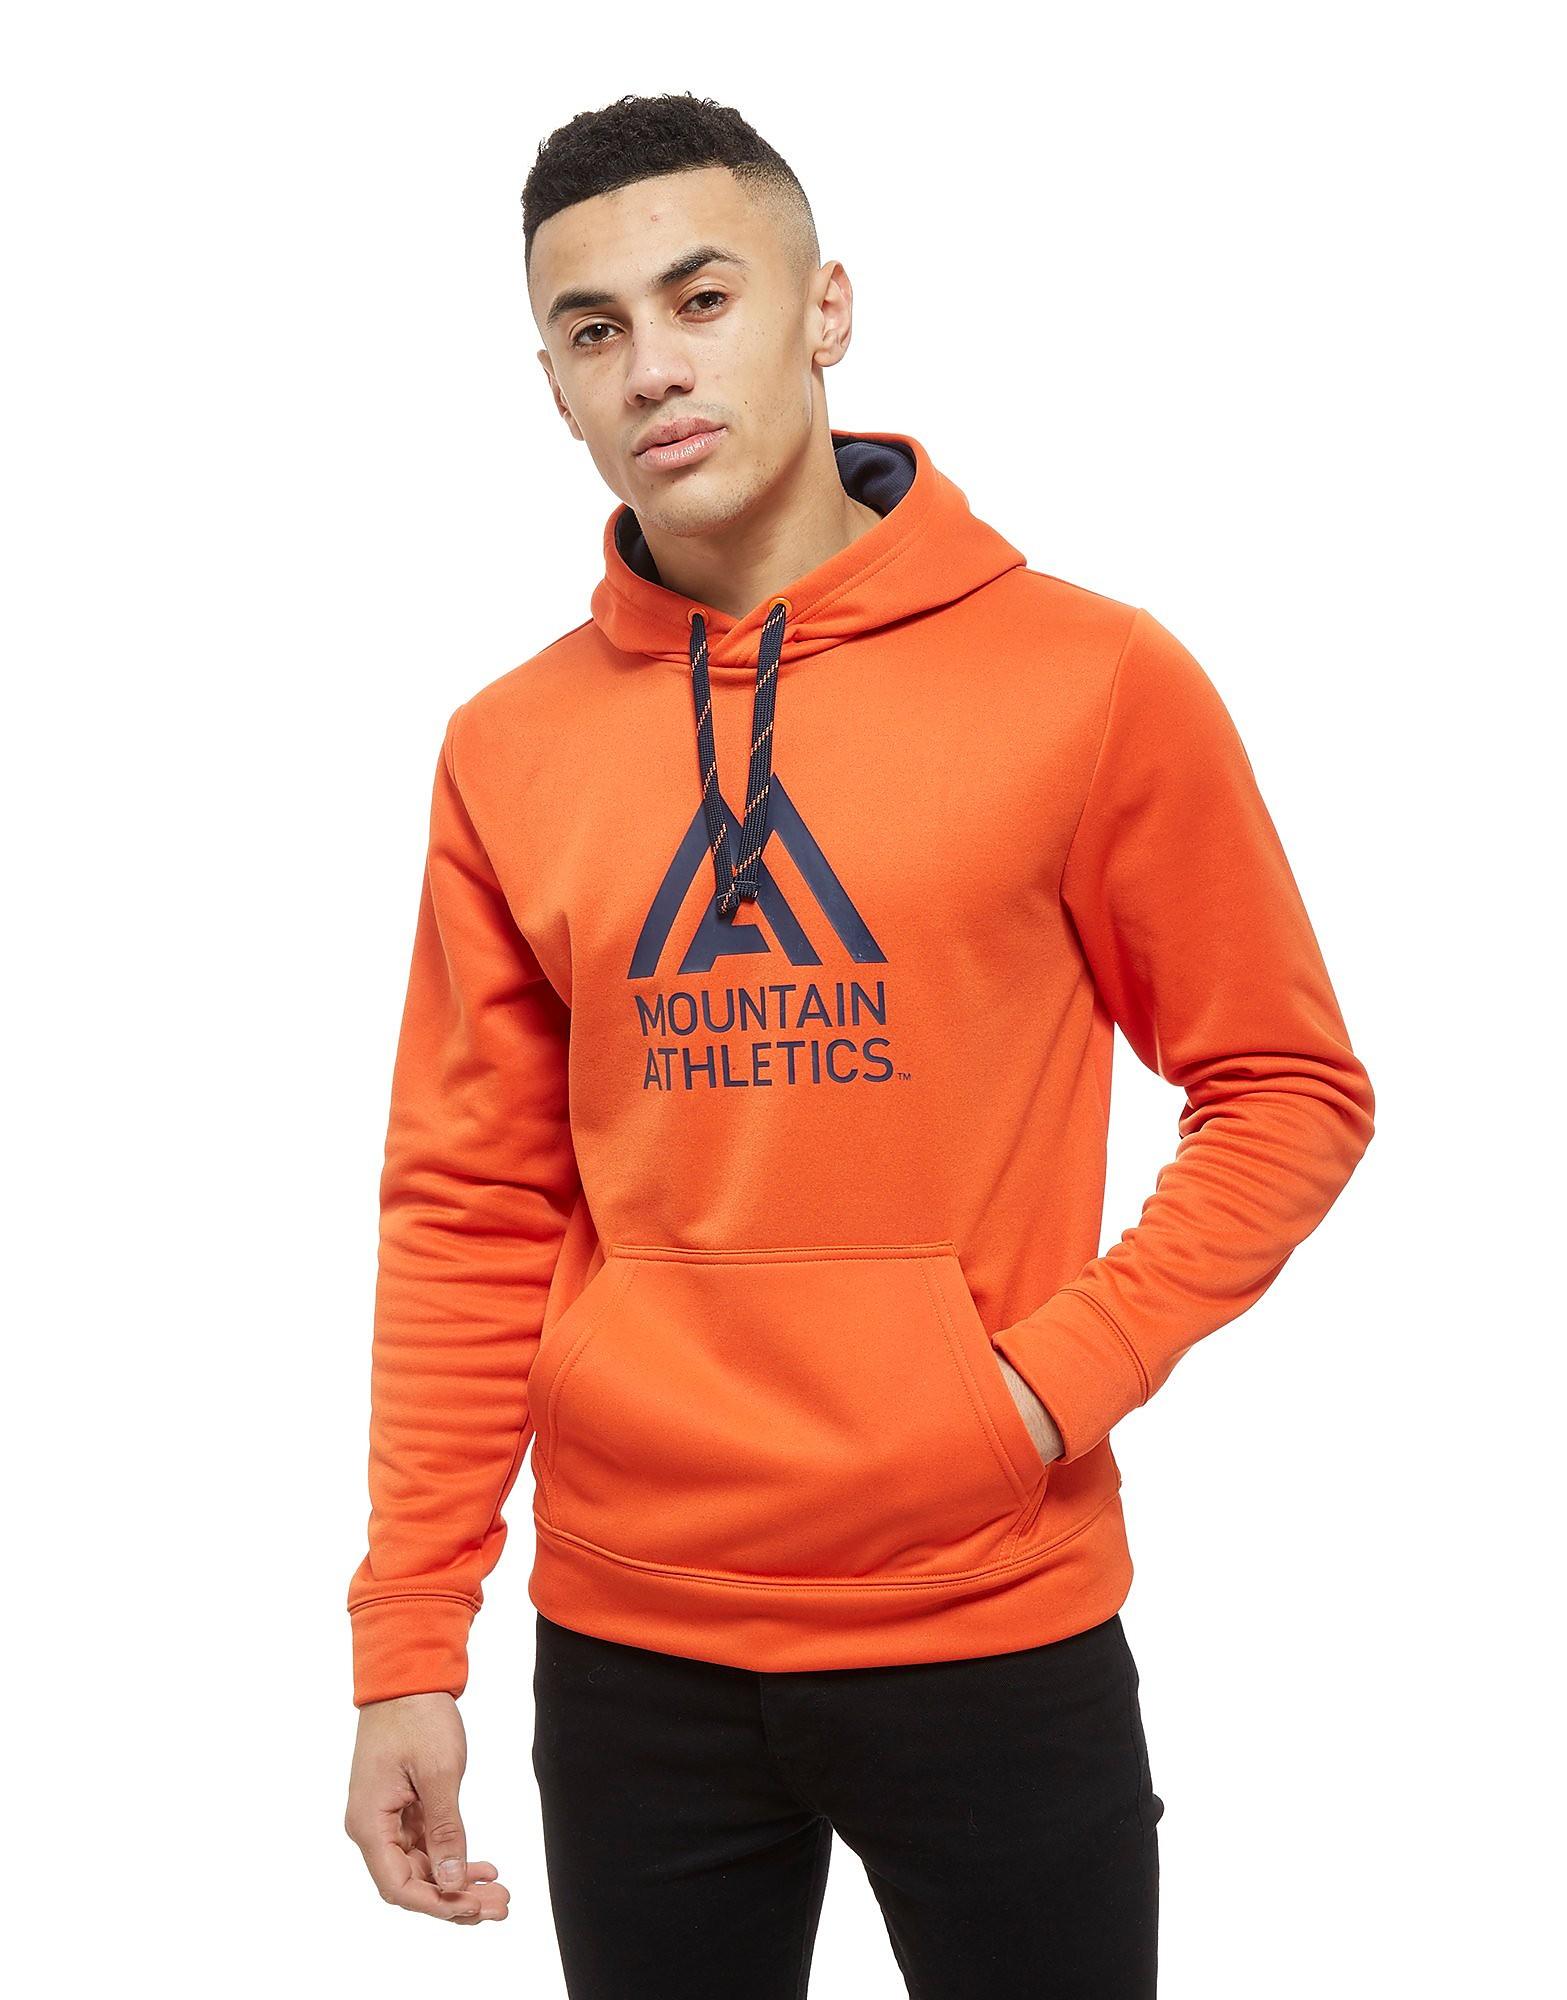 The North Face Sweat à capuche Surgent Homme - Orange, Orange